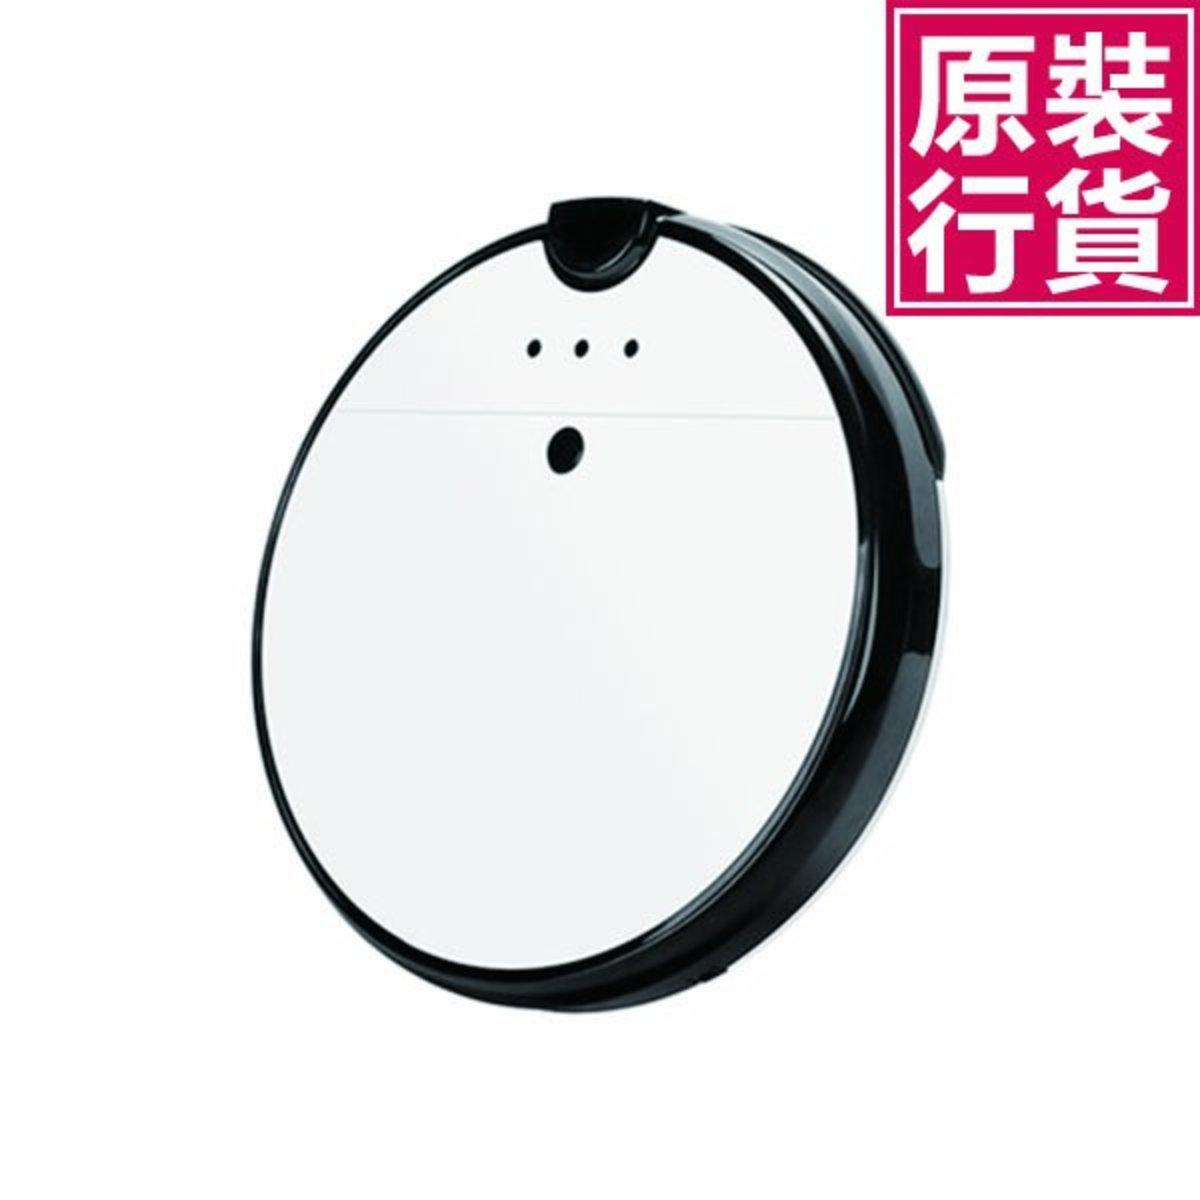 獨立水箱智能APP遠程操作【掃拖二合一】掃地機器人(RF-R9)